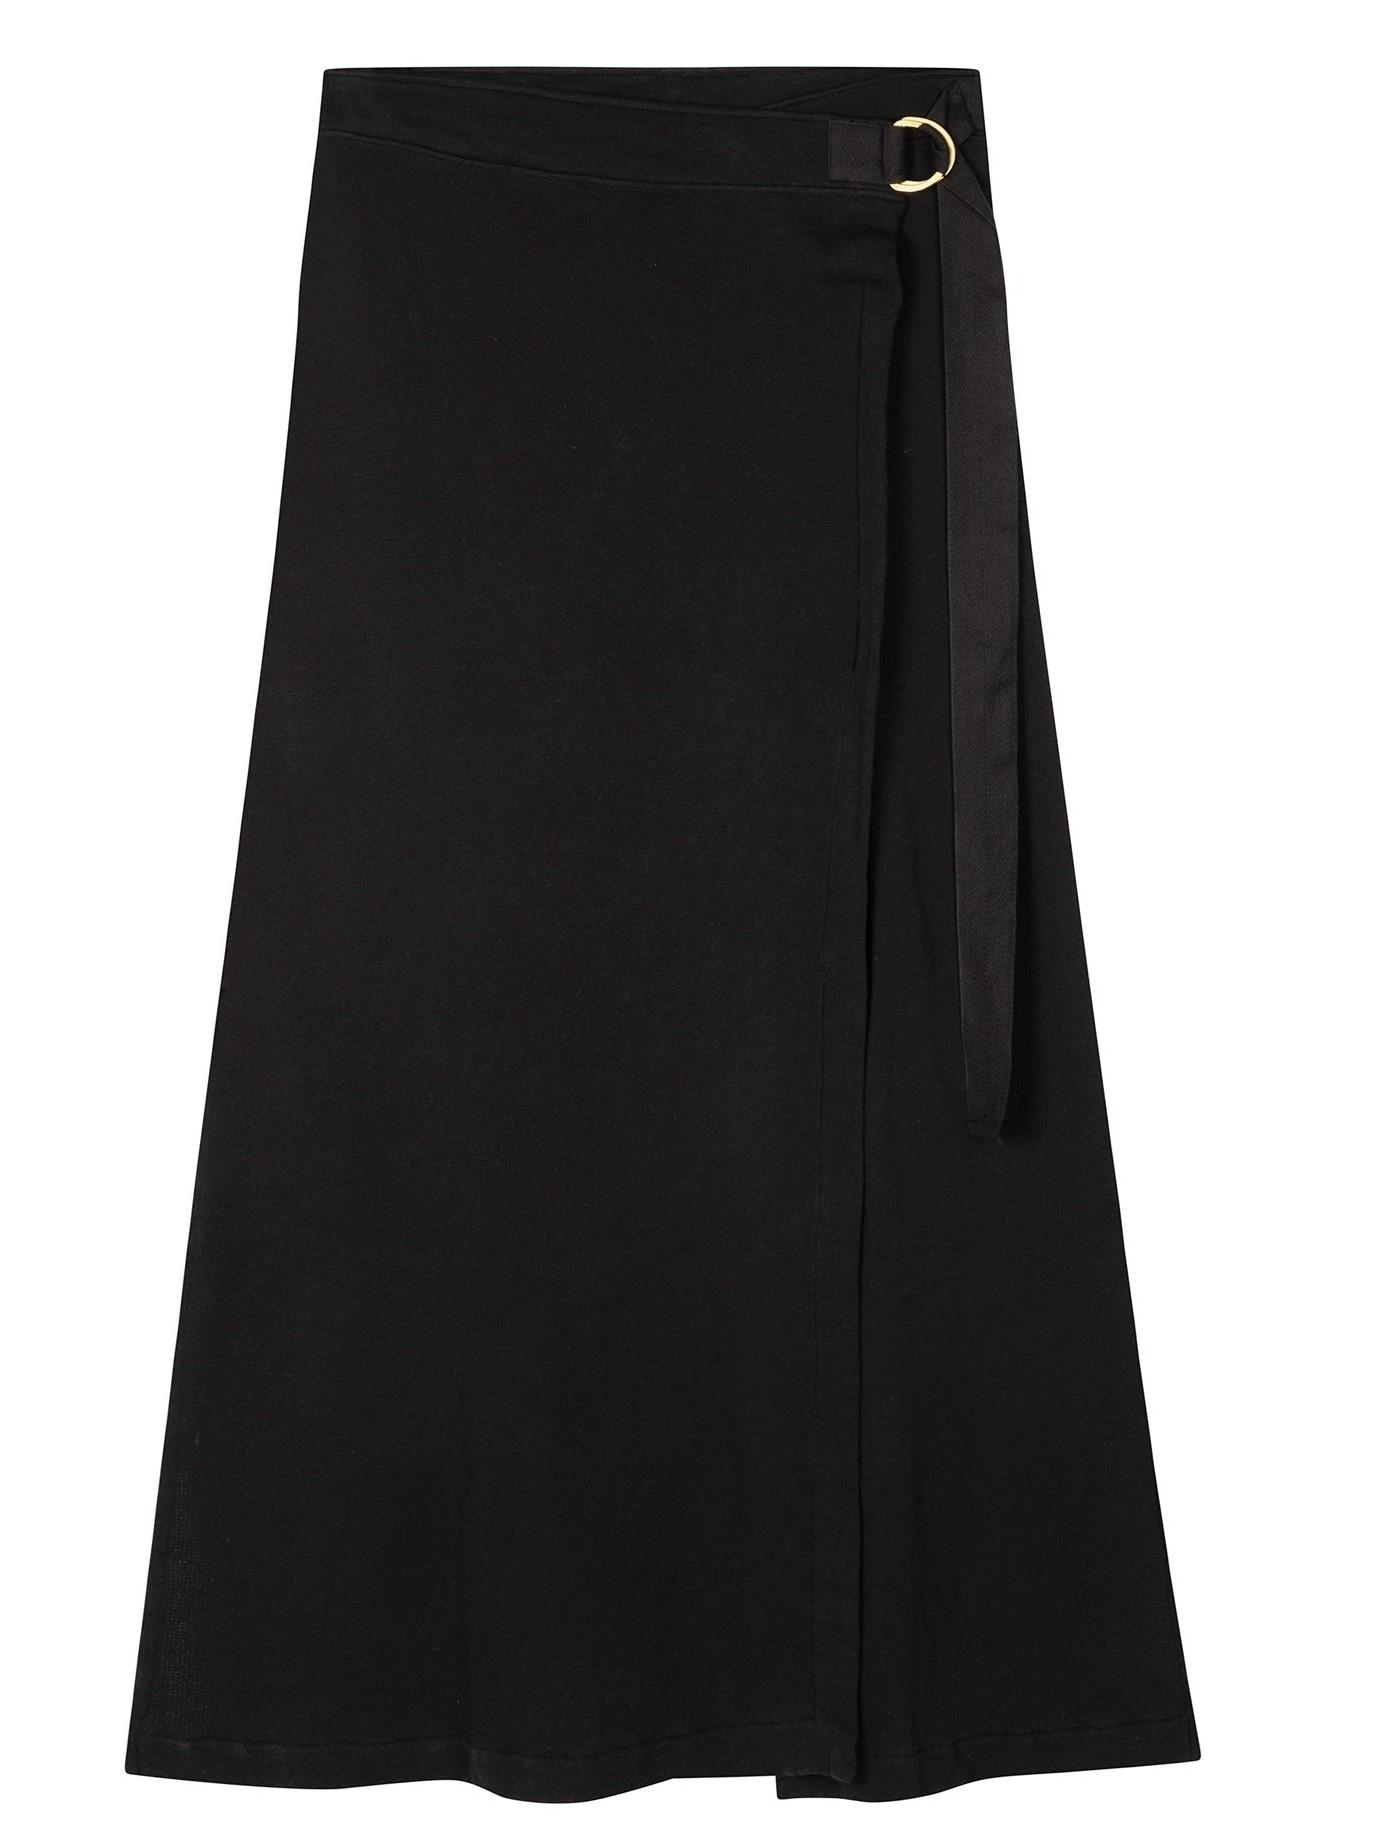 Rok belted long skirt black-2